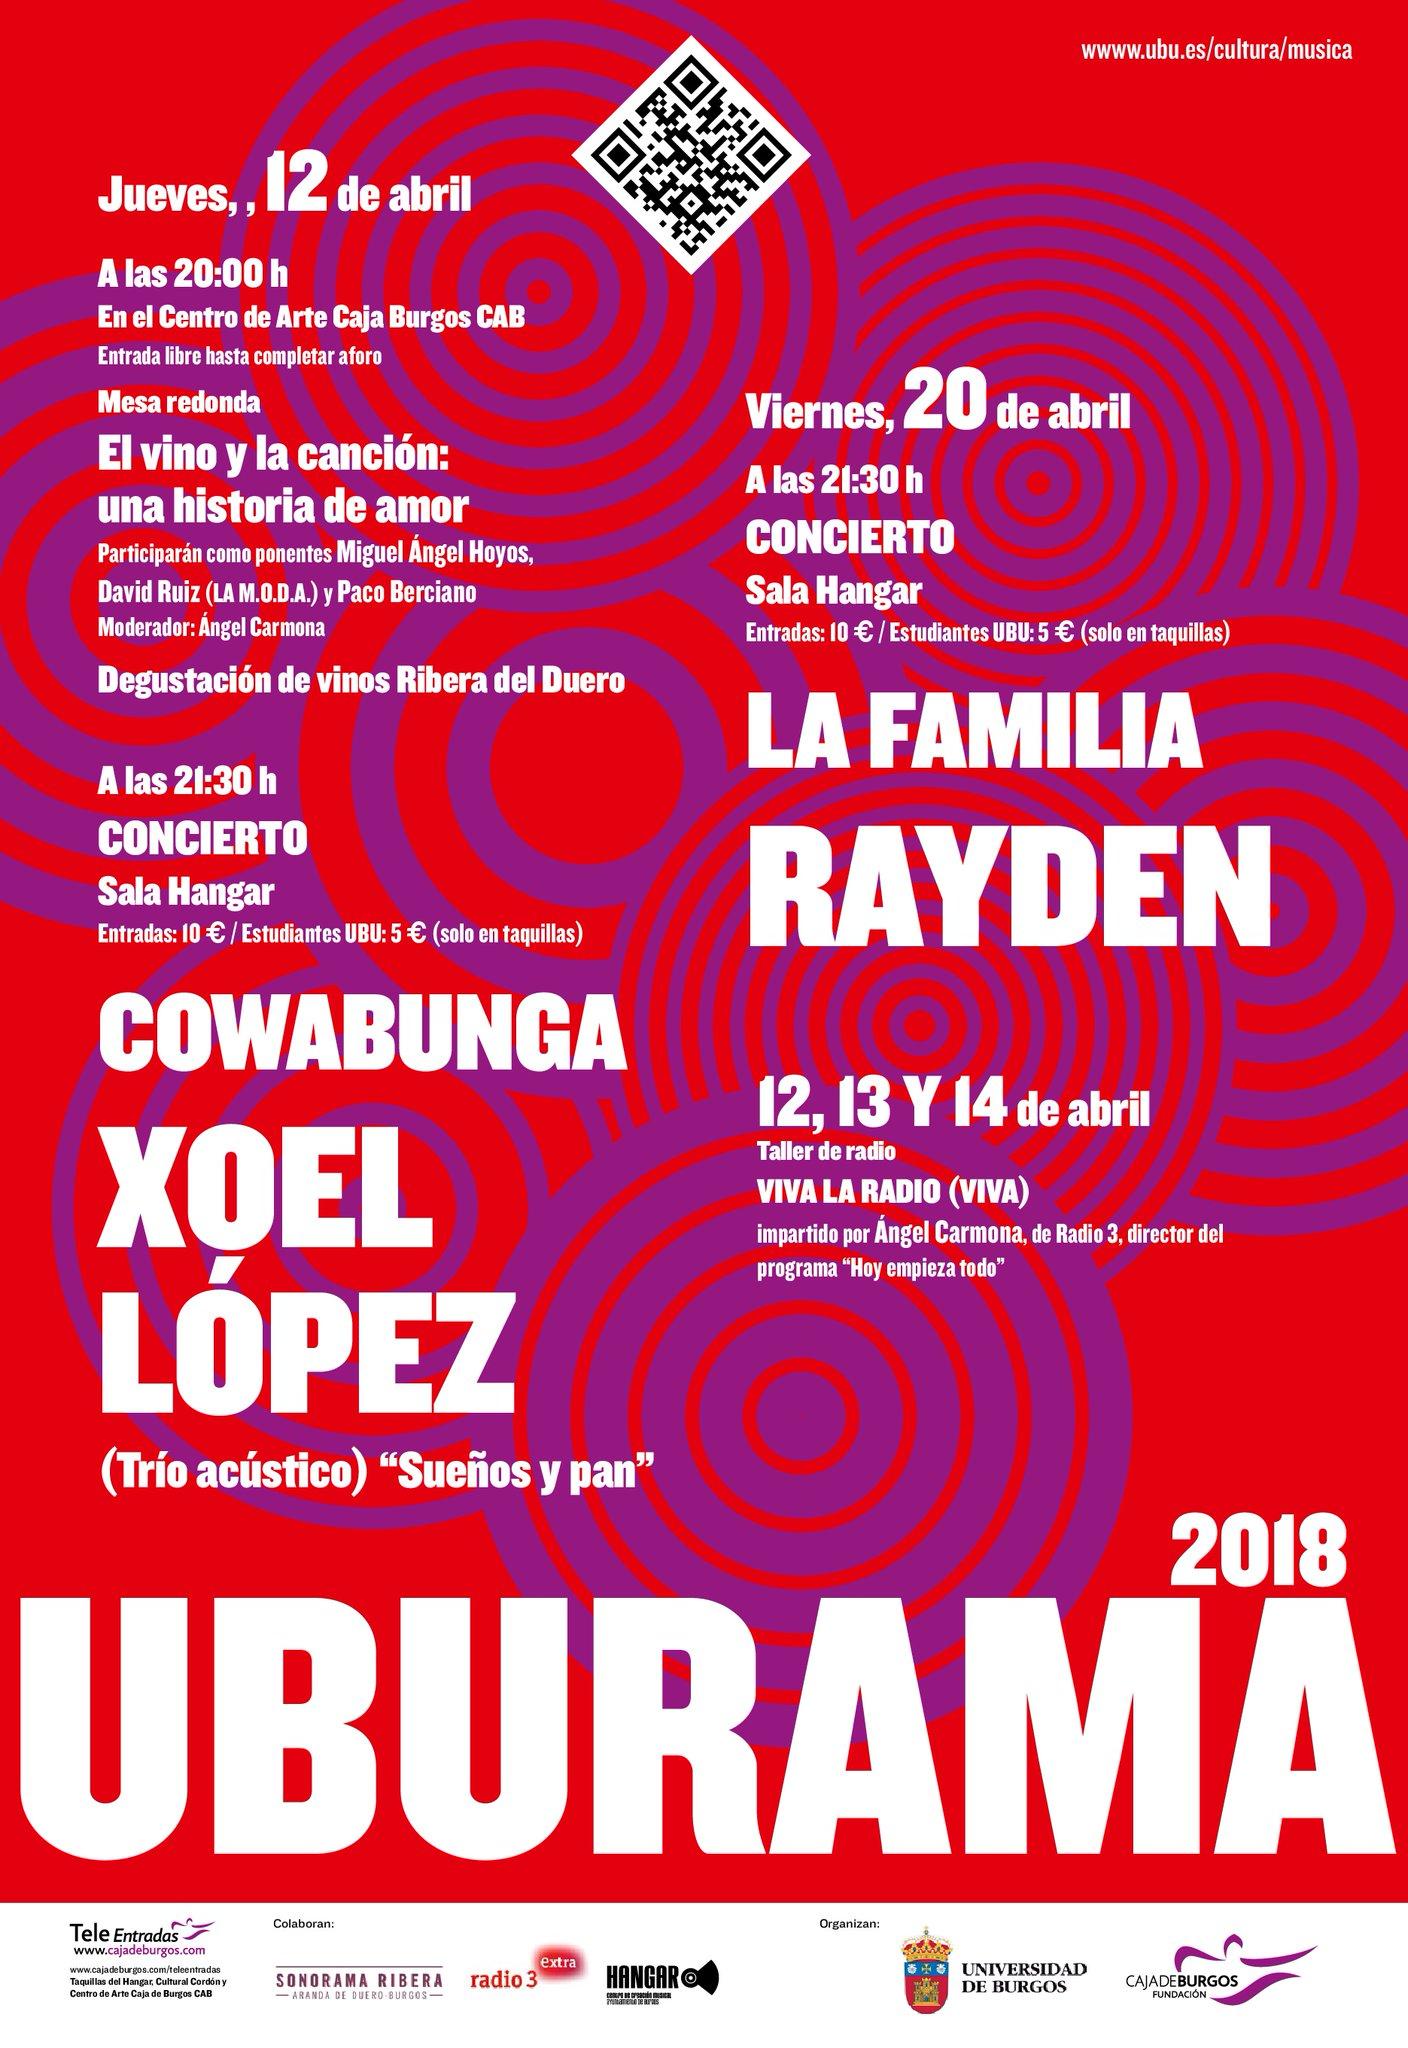 uburama-2018